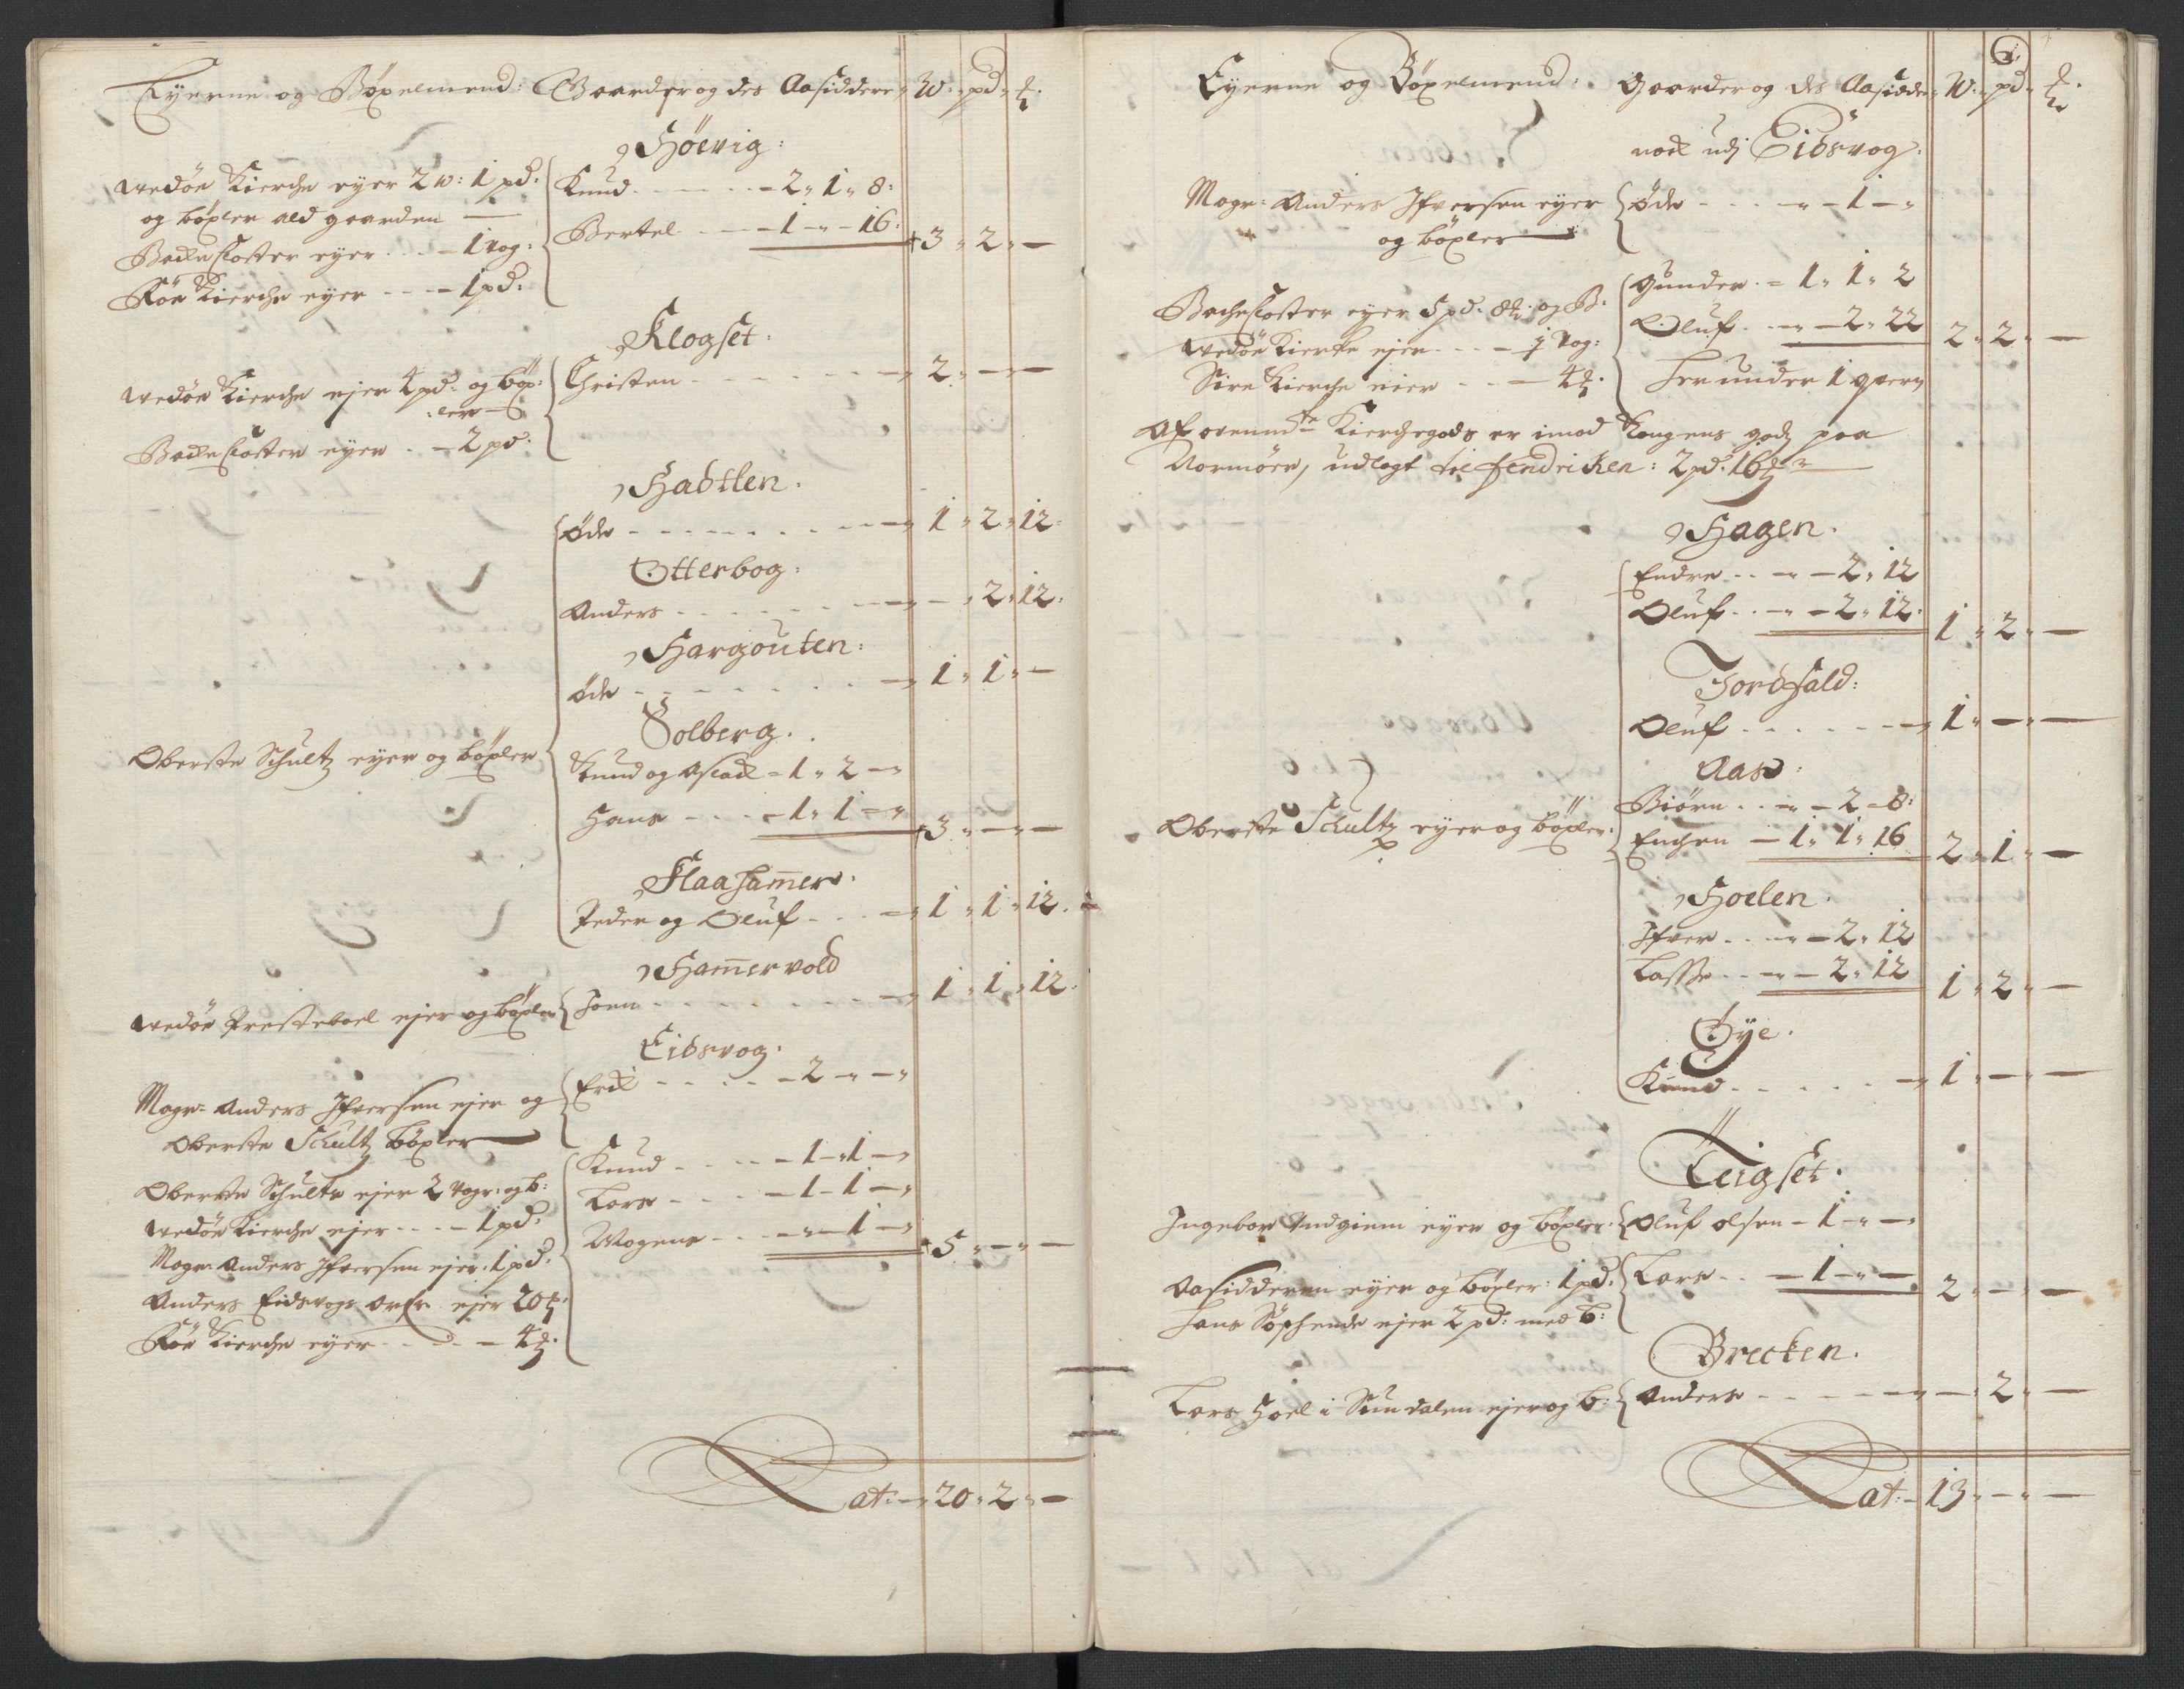 RA, Rentekammeret inntil 1814, Reviderte regnskaper, Fogderegnskap, R55/L3653: Fogderegnskap Romsdal, 1697-1698, s. 254